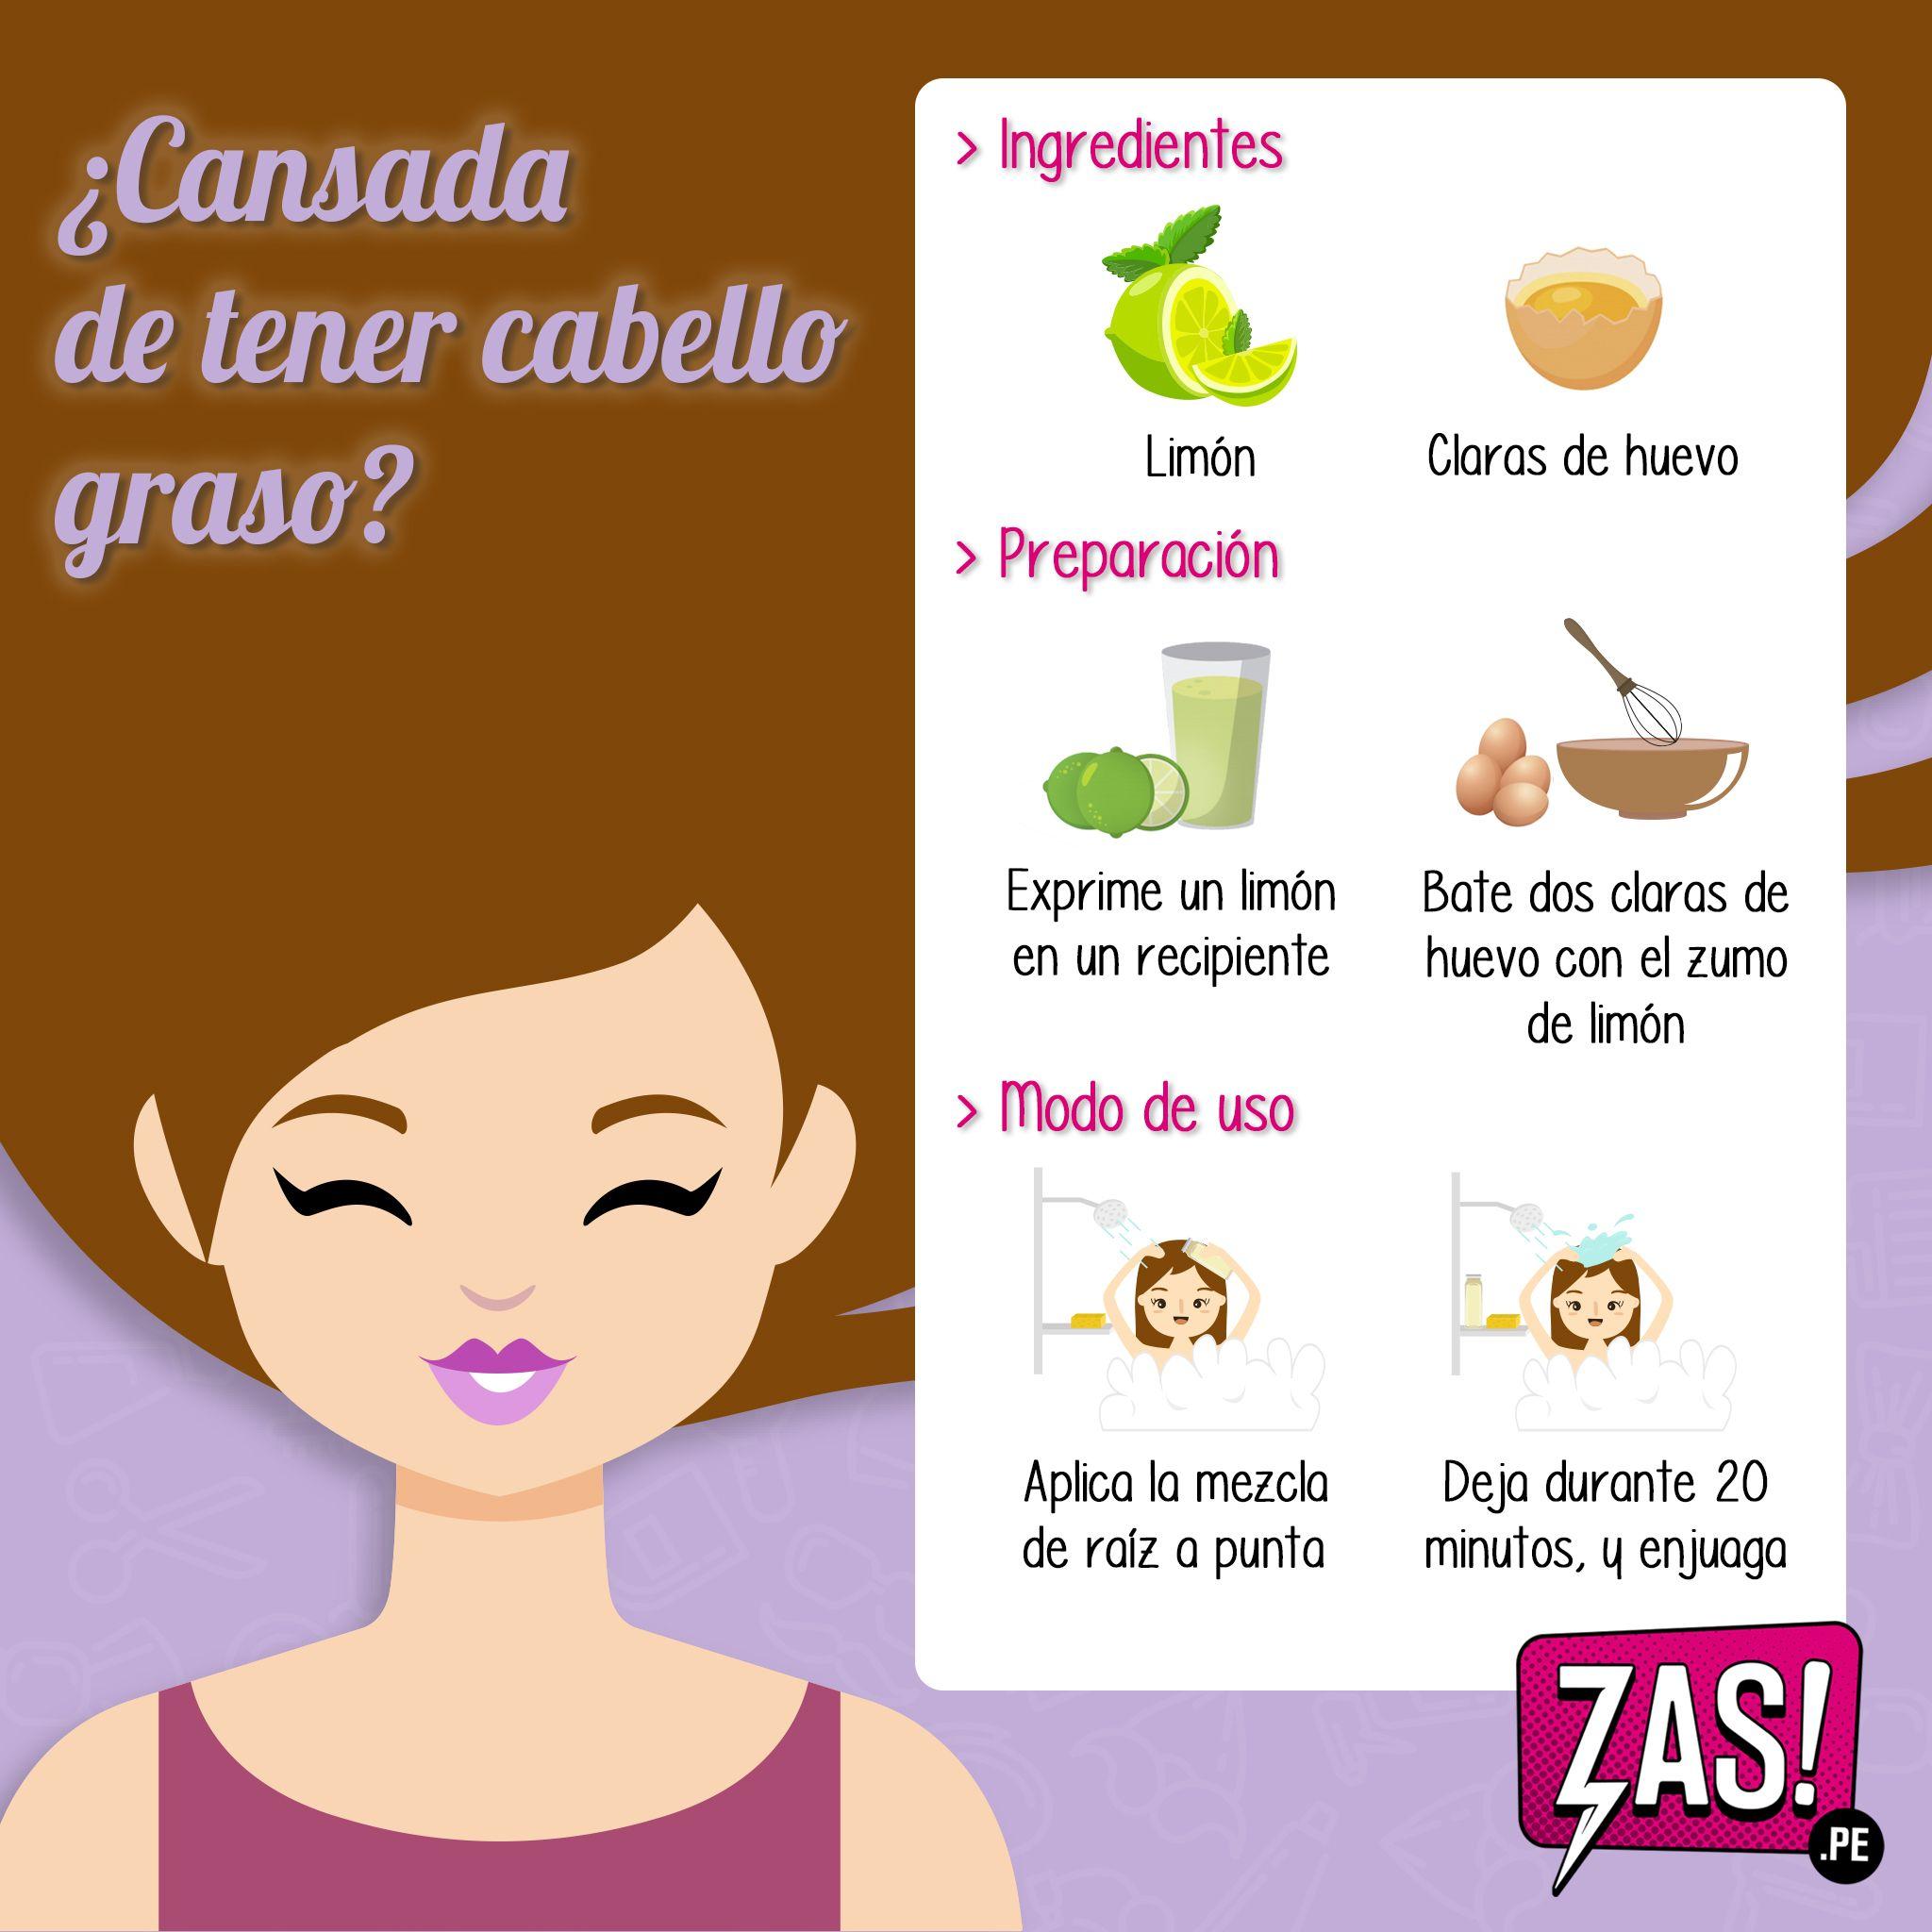 Existen Remedios Caseros Que Pueden Ayudar A Eliminar La Oleosidad Del Cabello Algunas De Estas Recetas Incluyen Productos Nat Lip Hair Body Care Cabello Hair